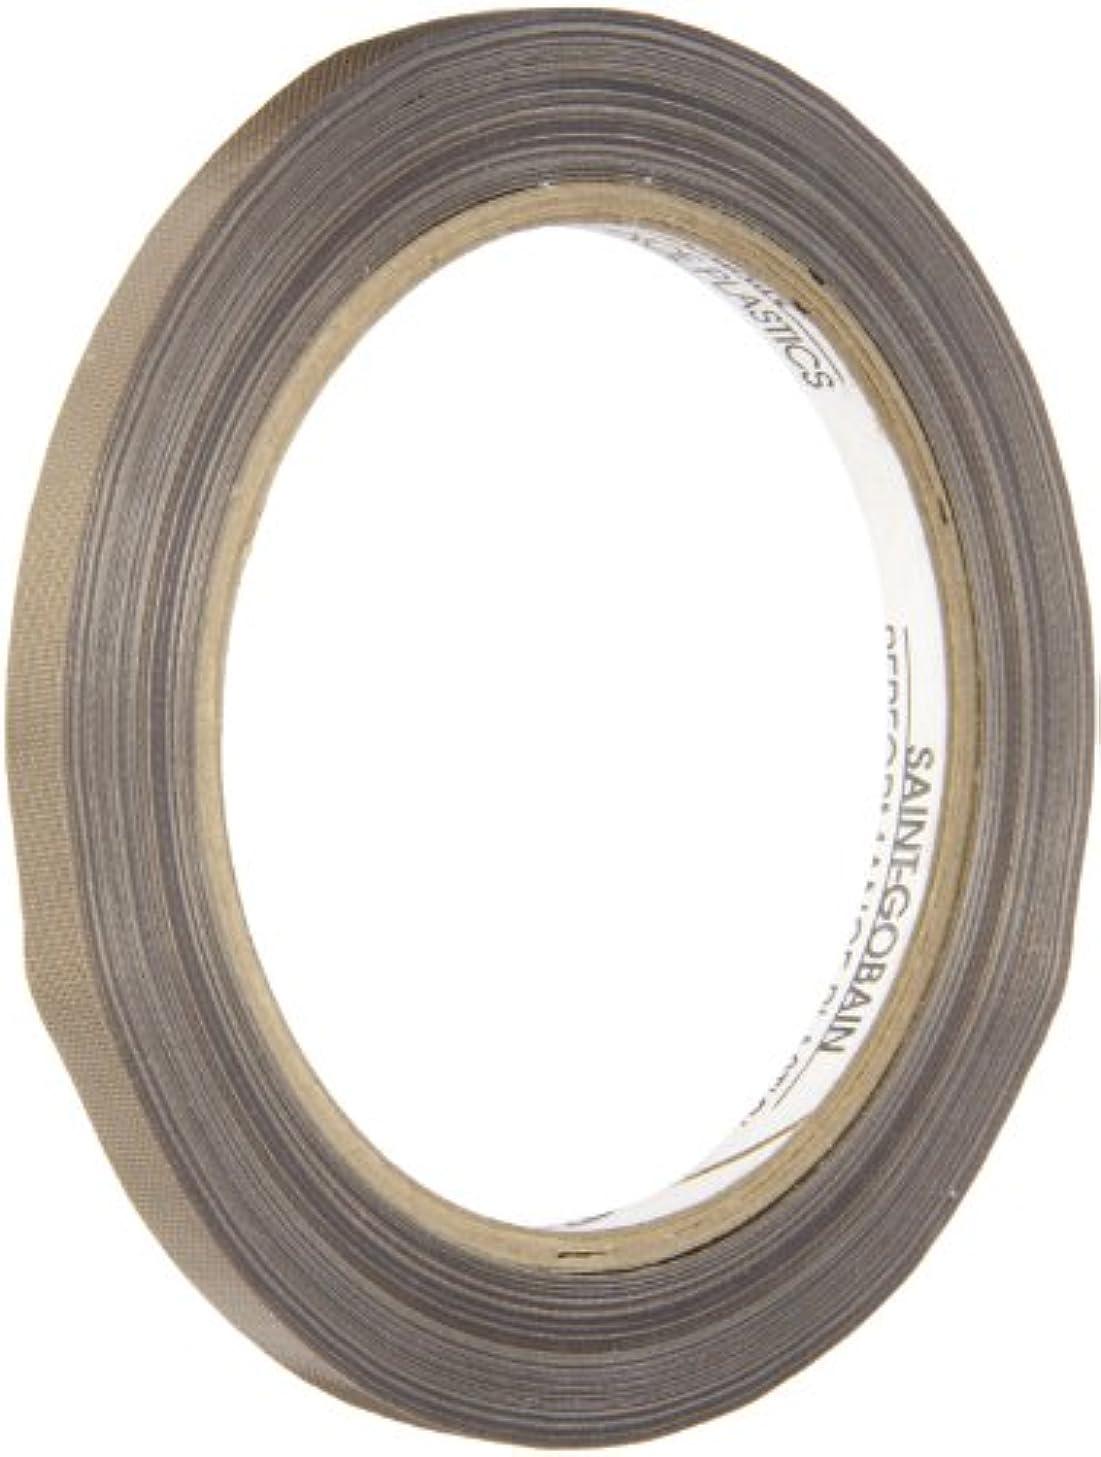 TapeCase SG05-03 PTFE Tape 1/4